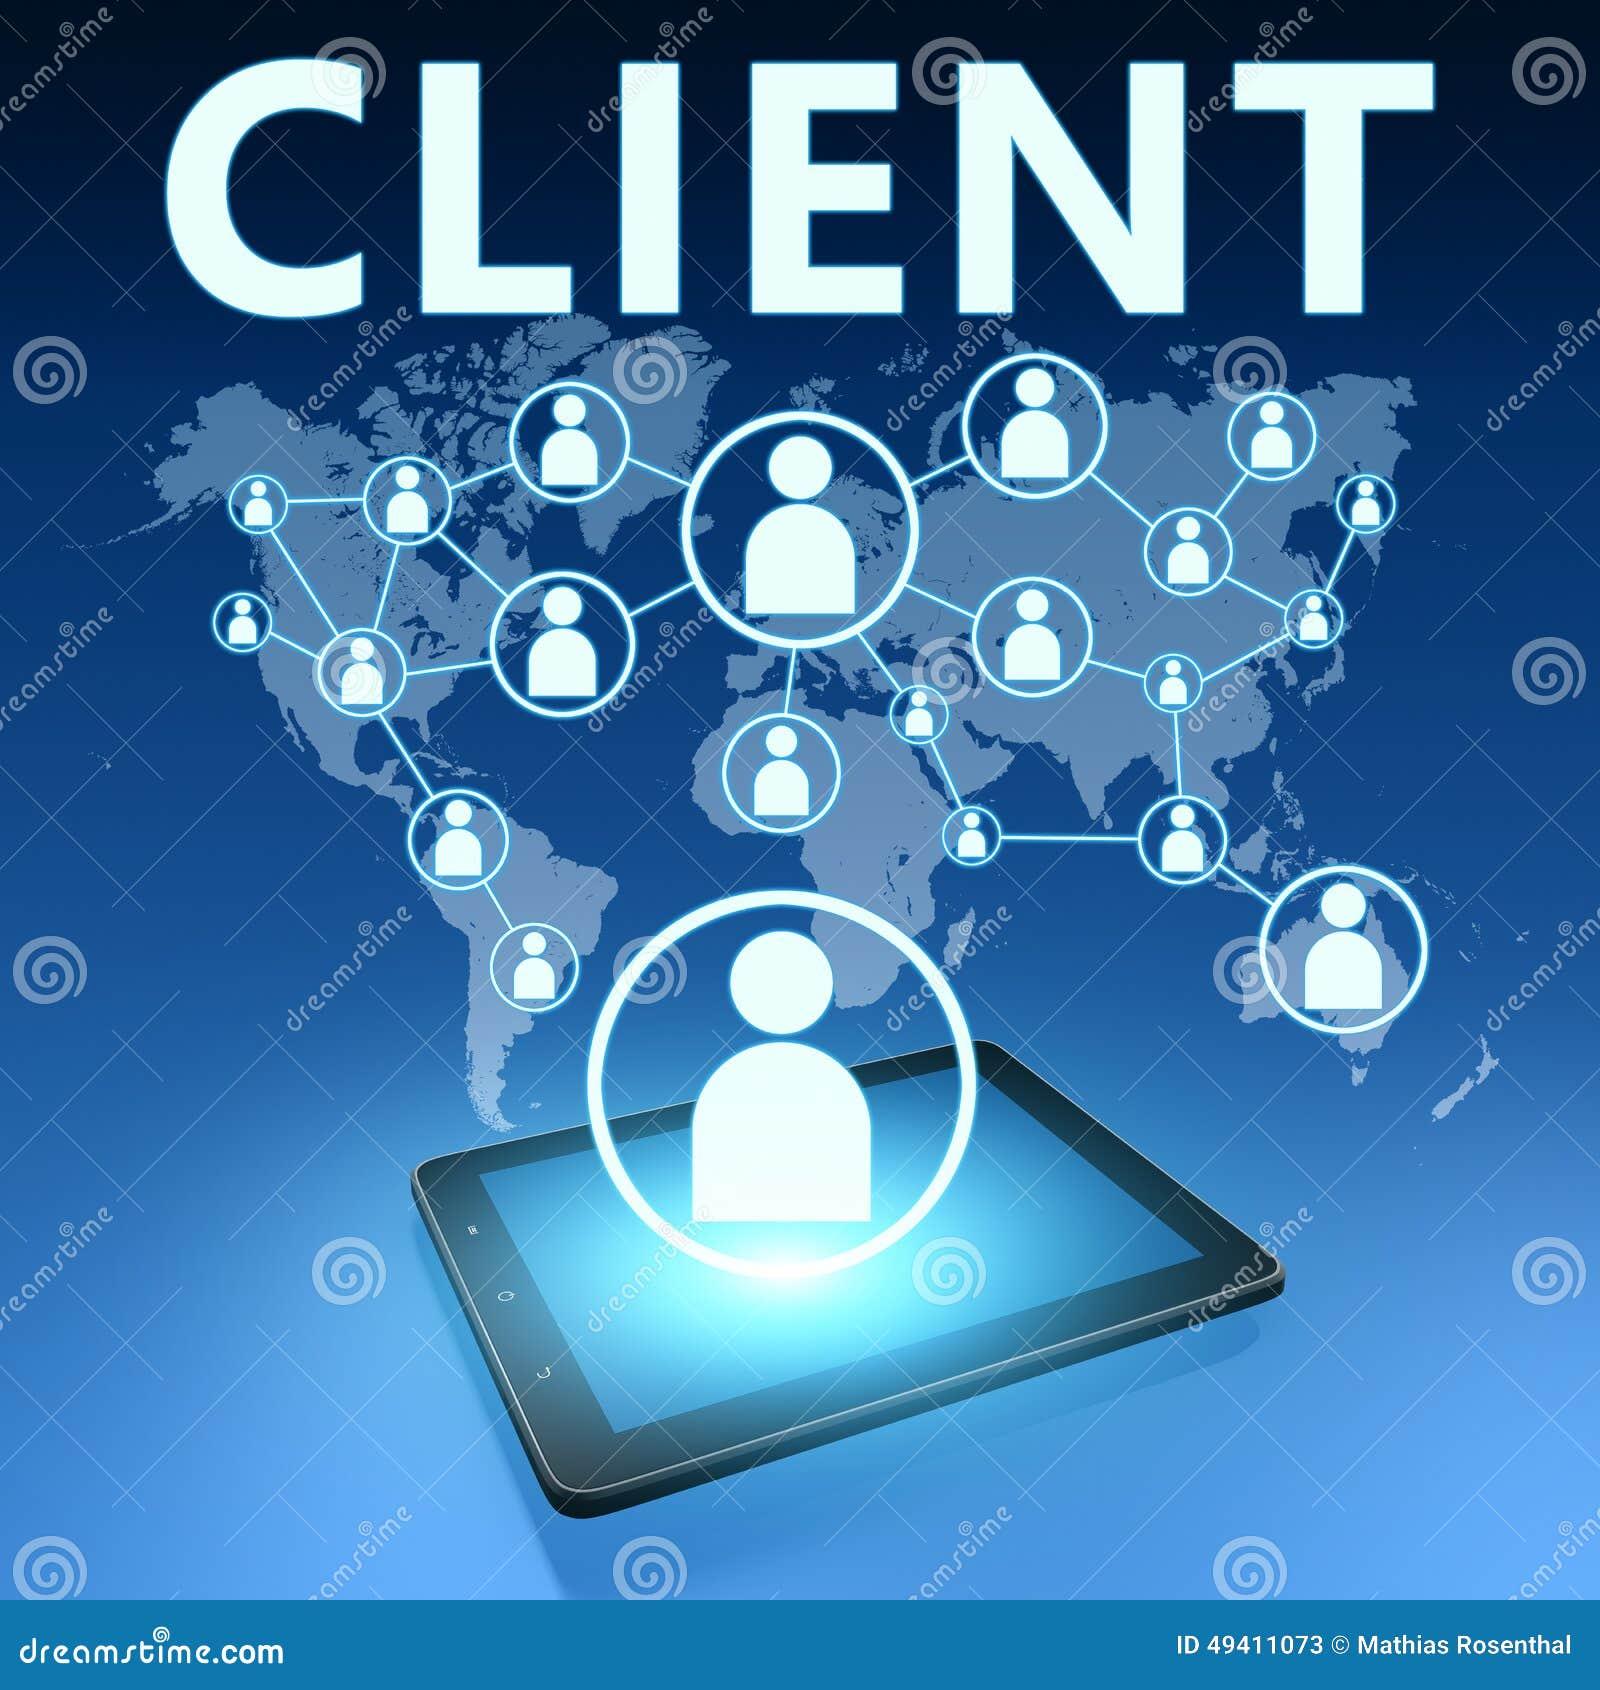 Download Klient stockbild. Bild von internet, geschäft, versicherung - 49411073